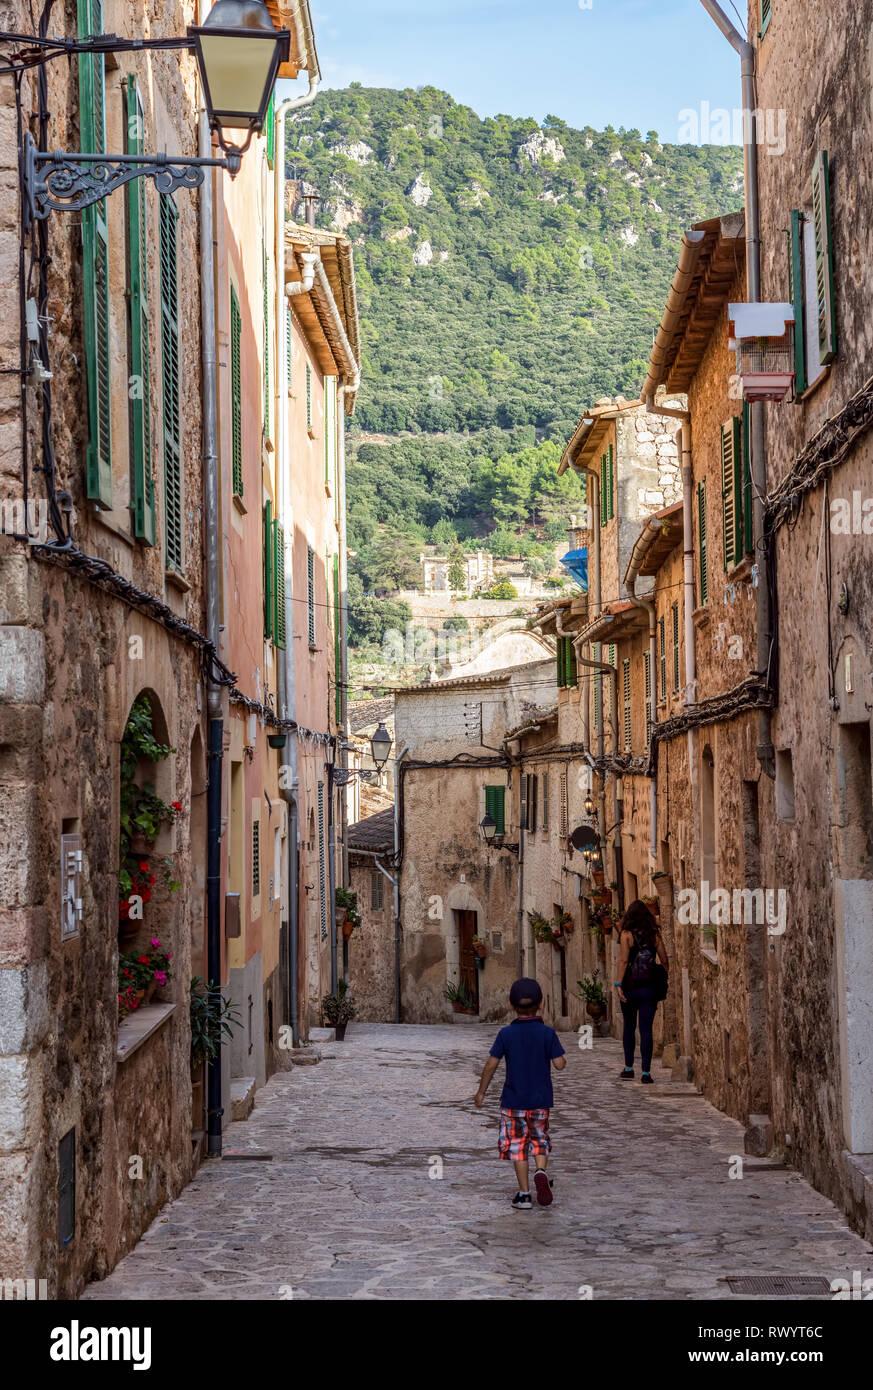 Narrow street in Valldemossa village - Mallorca, Spain - Stock Image